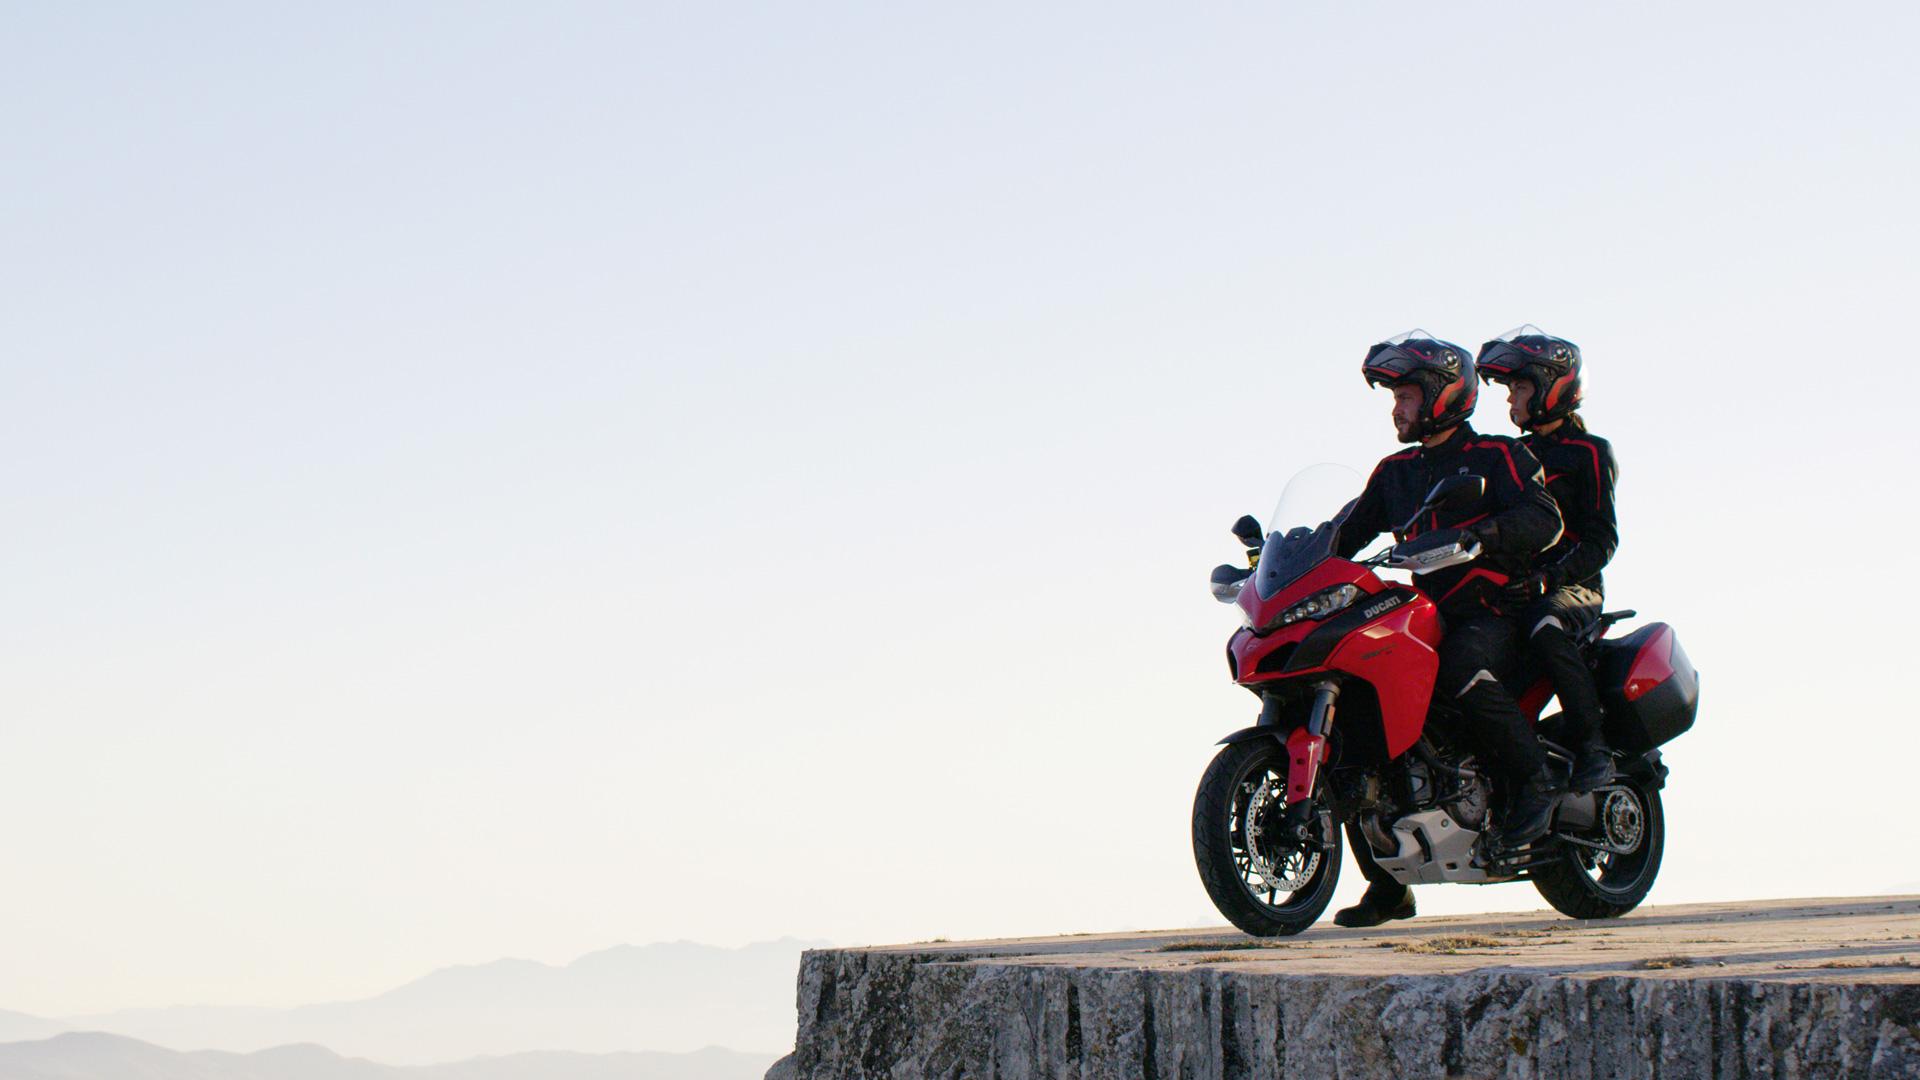 Ducati Multistrada 1260: more than a bike, it's a multi-bike!